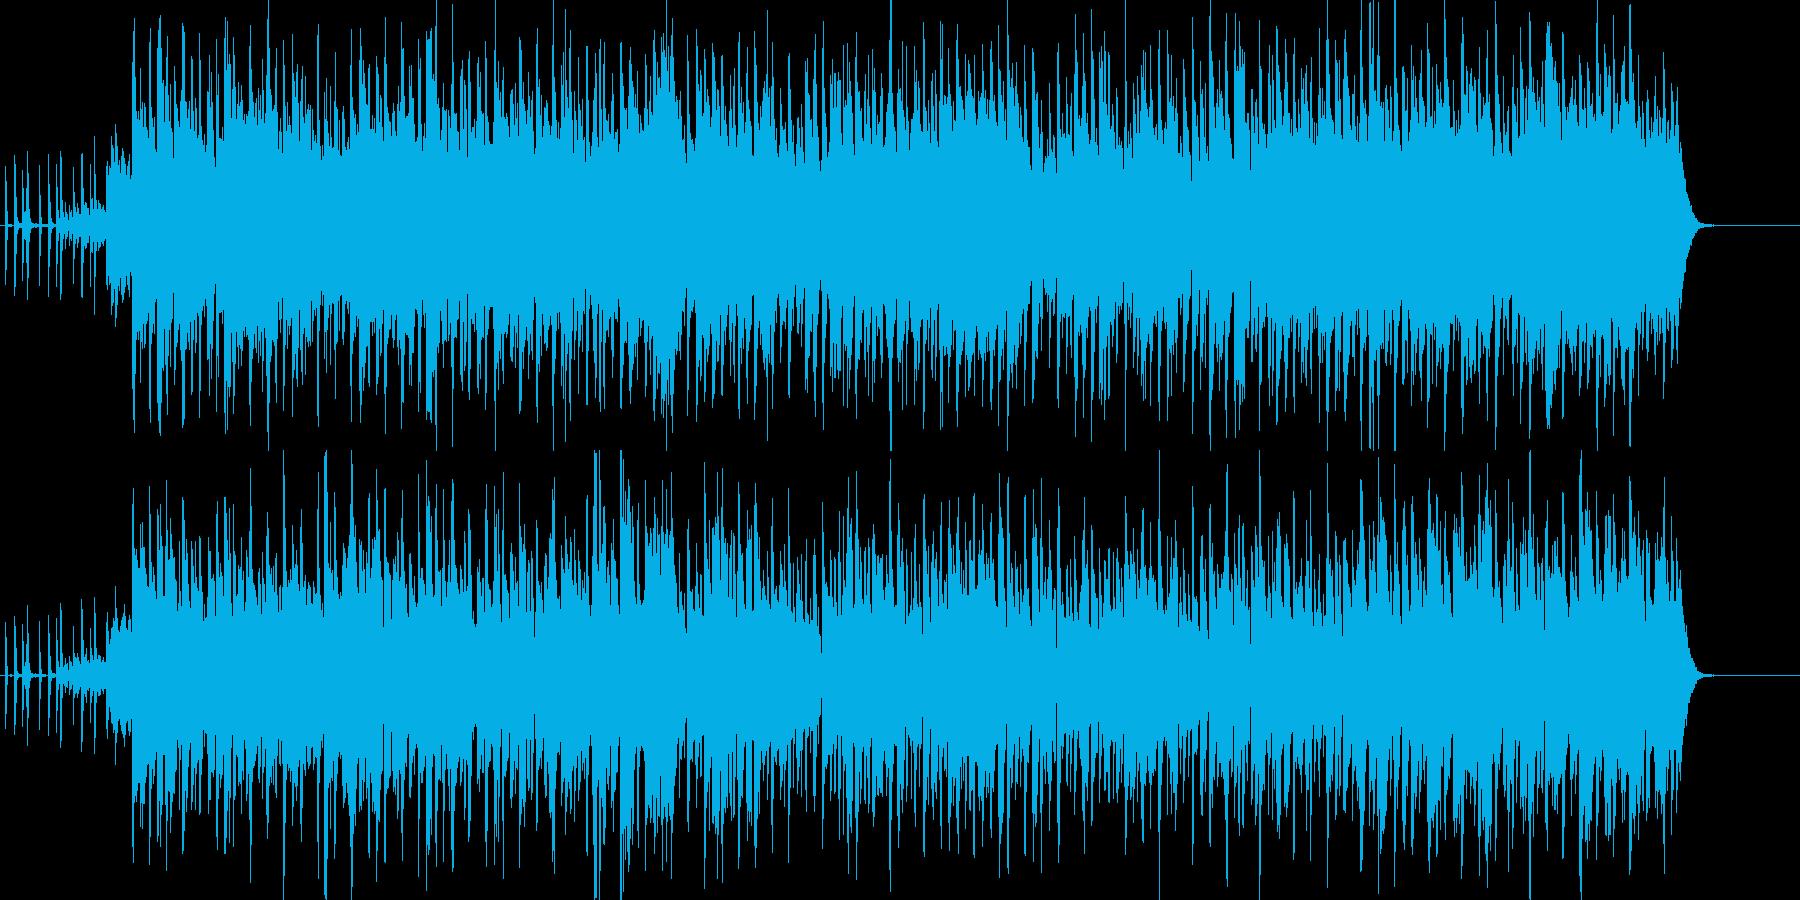 オルガンメインの軽快で爽やかなポップスの再生済みの波形